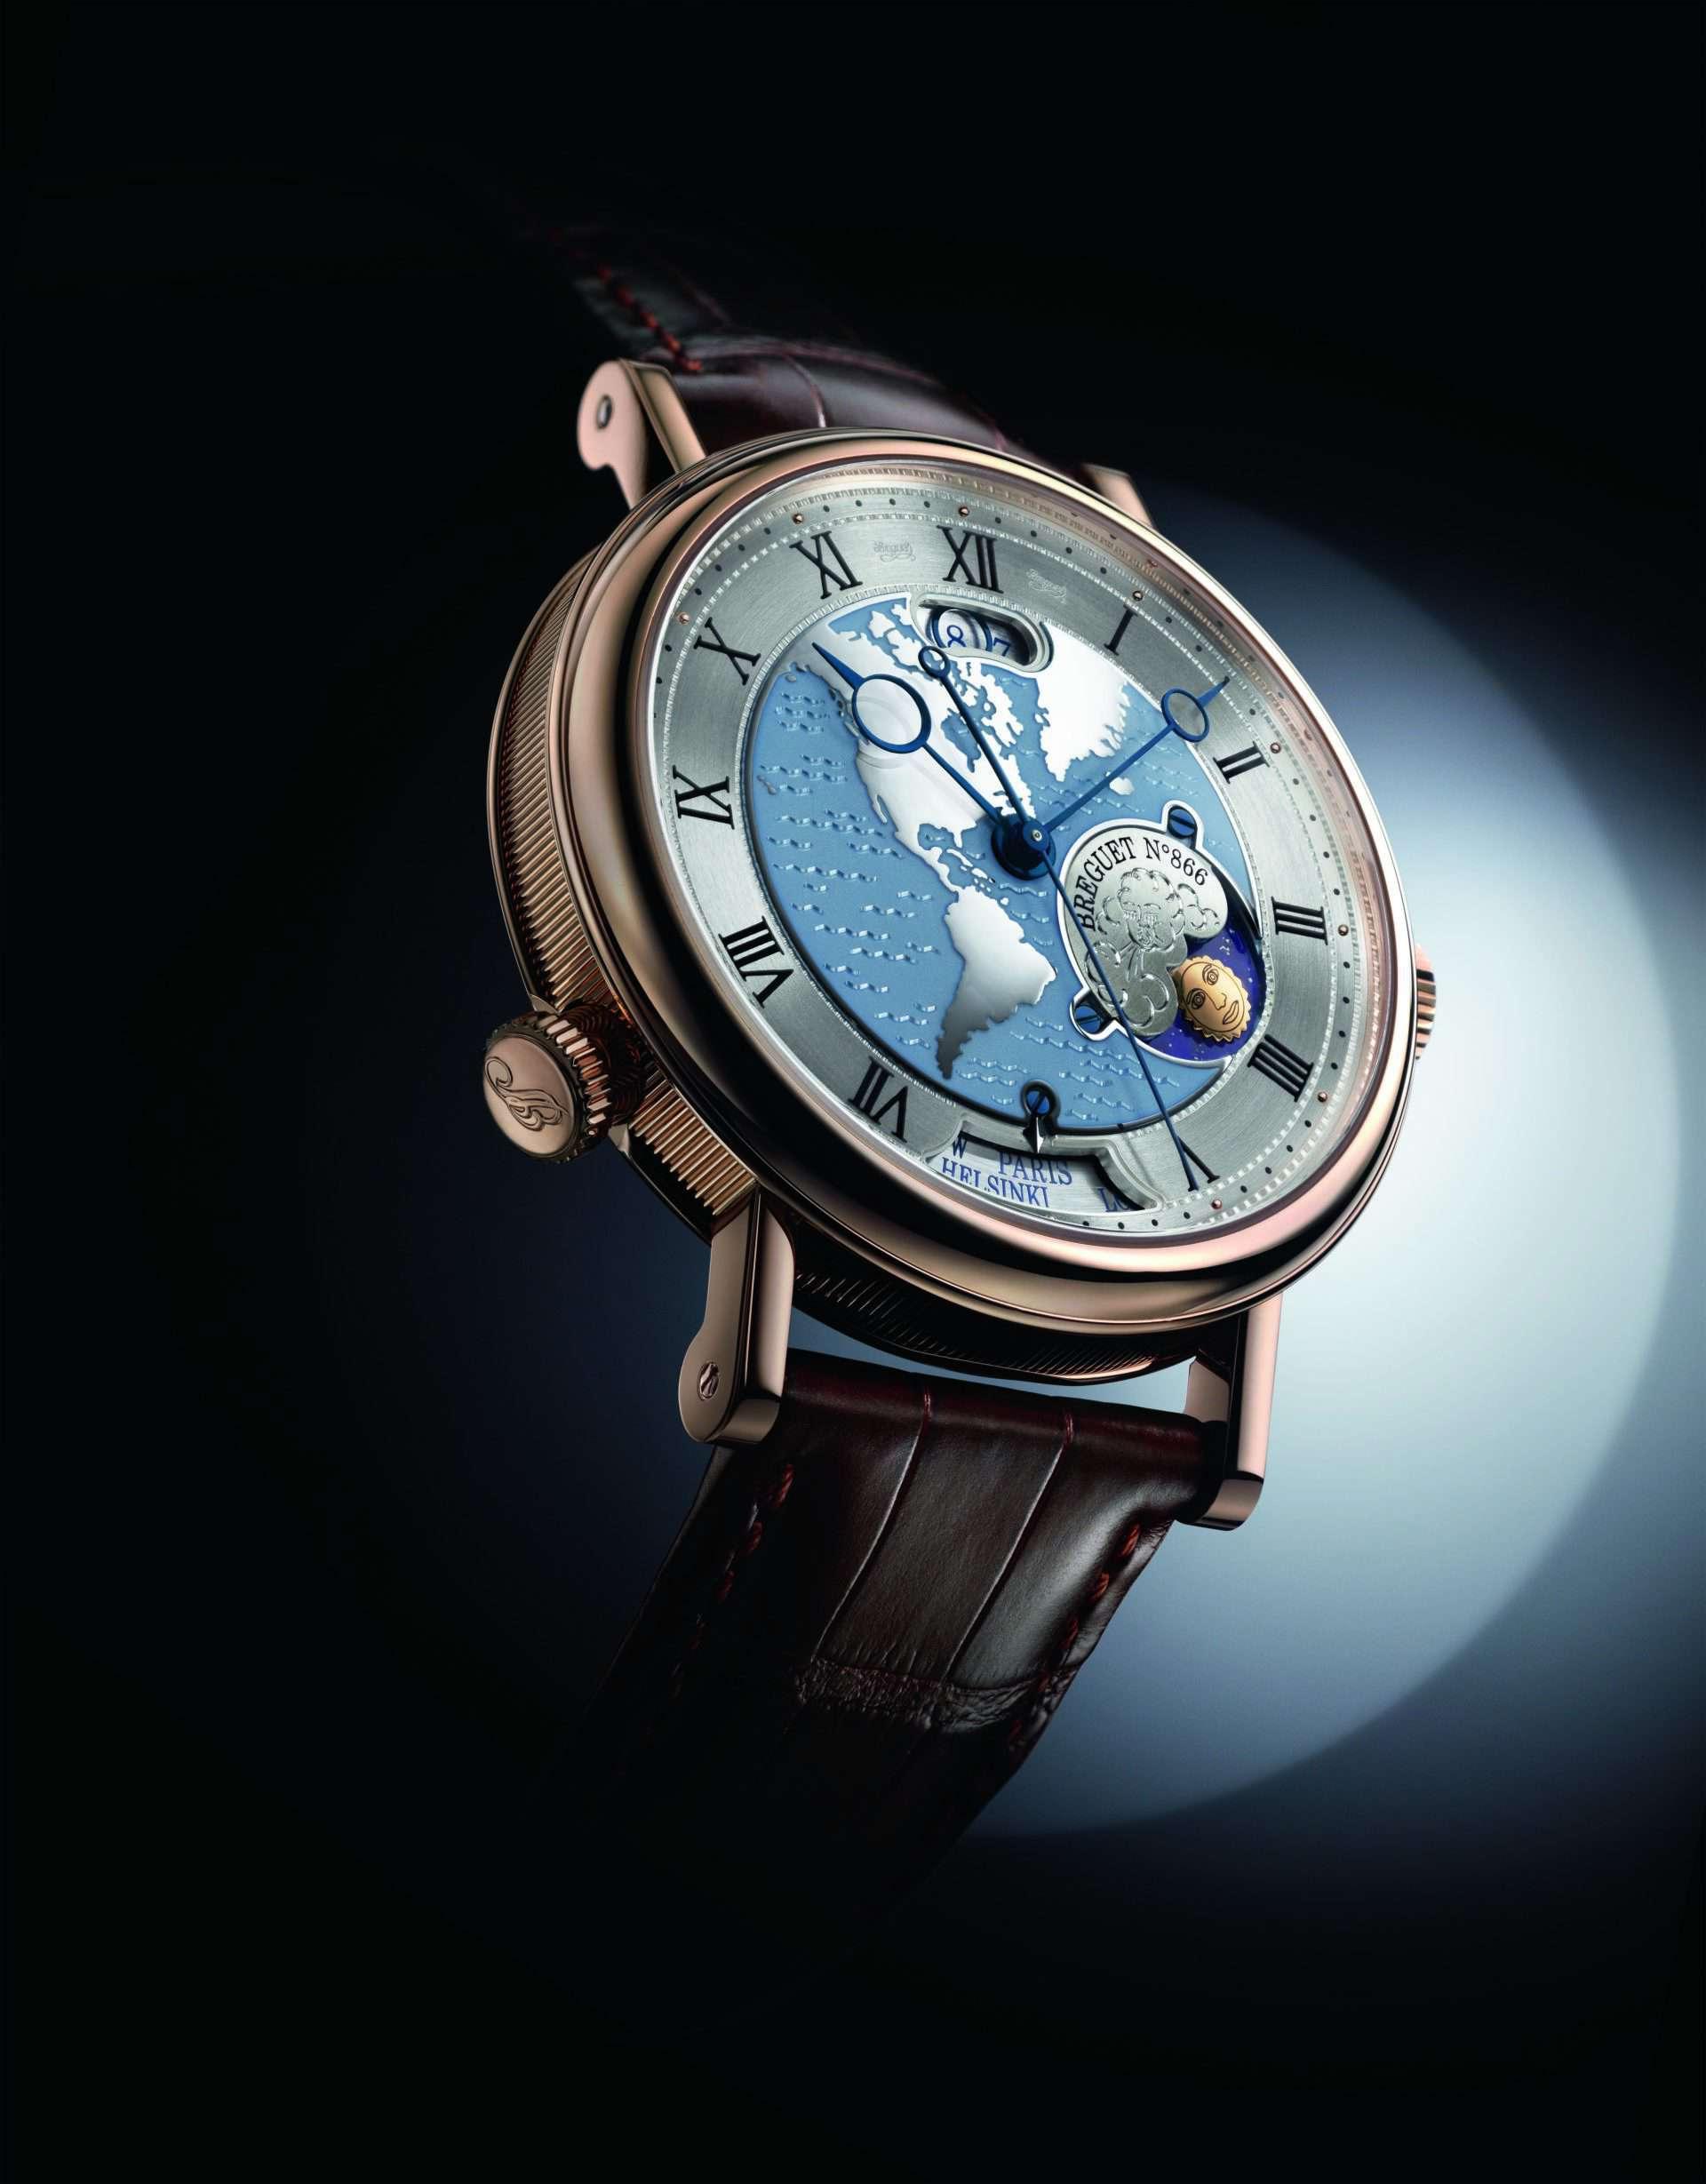 Die Breguet Hora Mundi bietet einen unmittelbaren Zeitzonenwechsel mit synchronisierter Anzeige von Datum, Tag-Nacht- Indikator sowie der und Zeitzonenstadt. Wir finden, sie sollten sich alle Zeit der Welt nehmen, um die Uhr in ihrer komplexen Funktionalität in Ruhe bewundern zu können